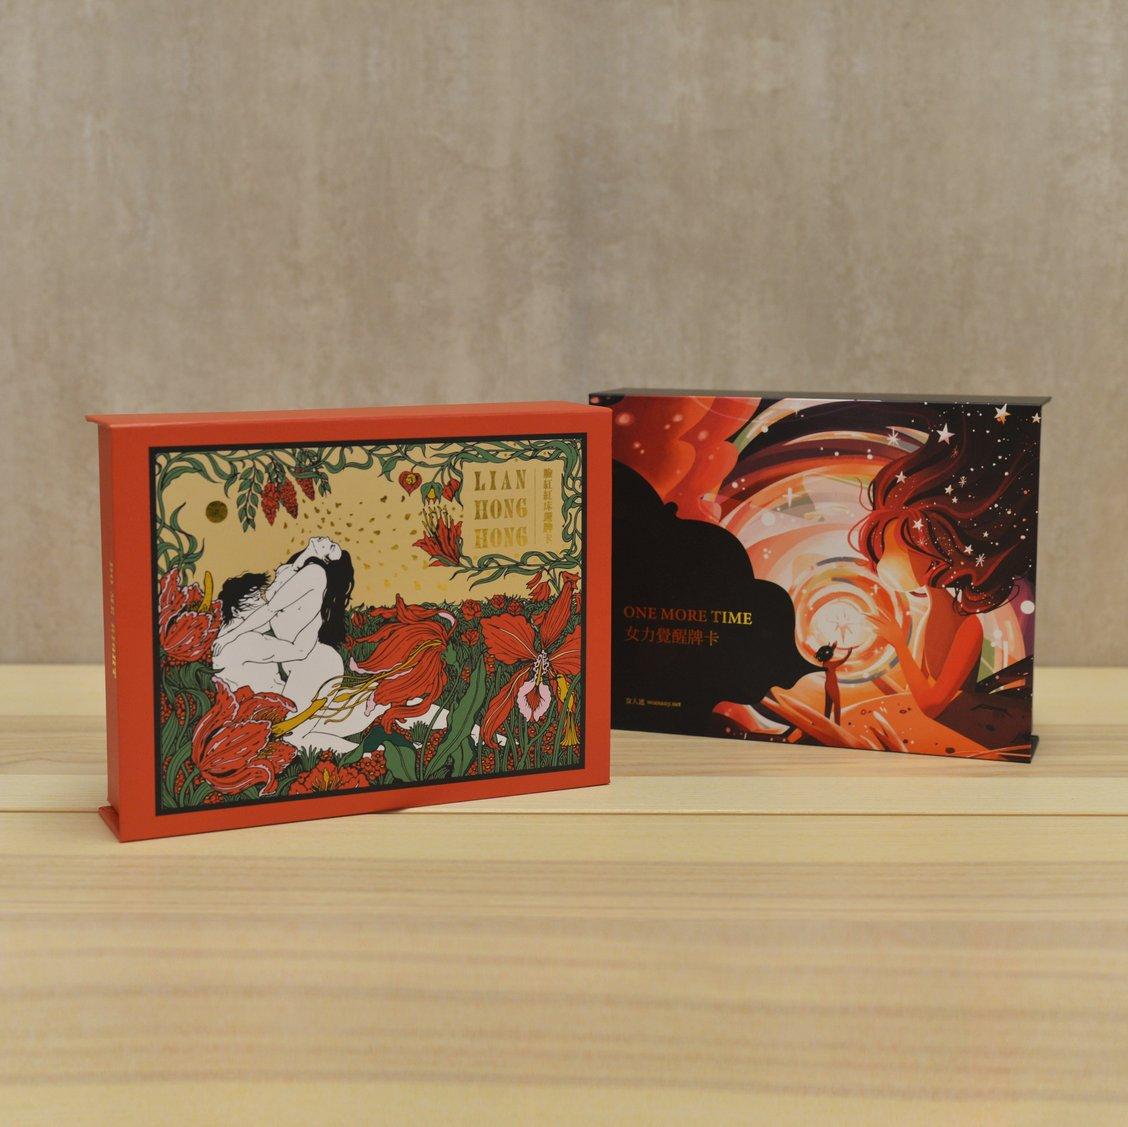 (獨家限量100組)雙套卡牌玩起來|臉紅紅床遊卡牌+限量海報+女力覺醒牌卡